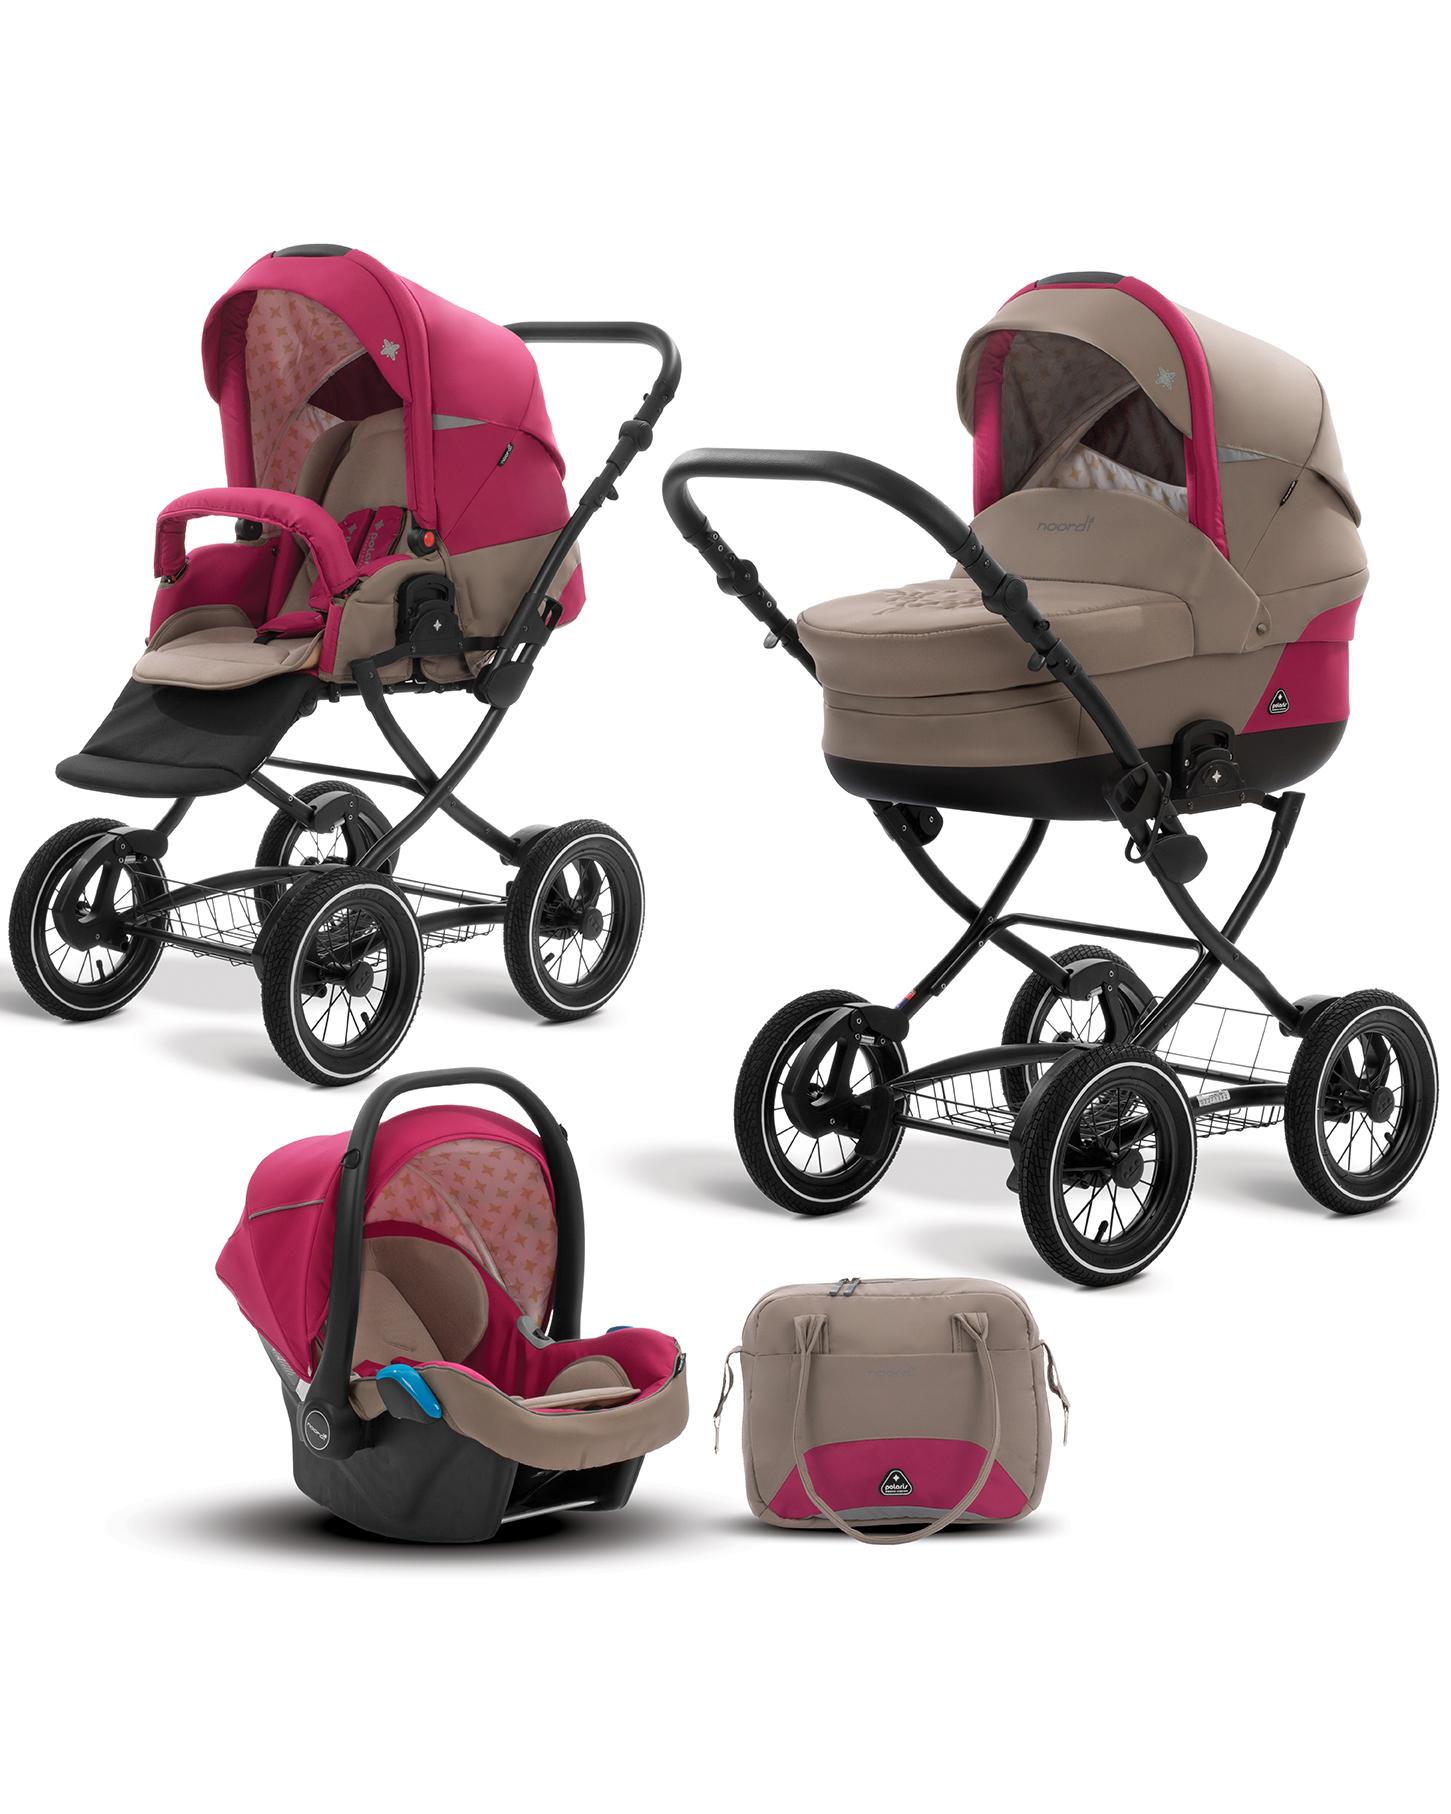 Коляска детская Noordi Polaris CL 3/1, коричневая с краснымДетские коляски 3 в 1<br>Коляска детская Noordi Polaris CL 3/1, коричневая с красным<br>